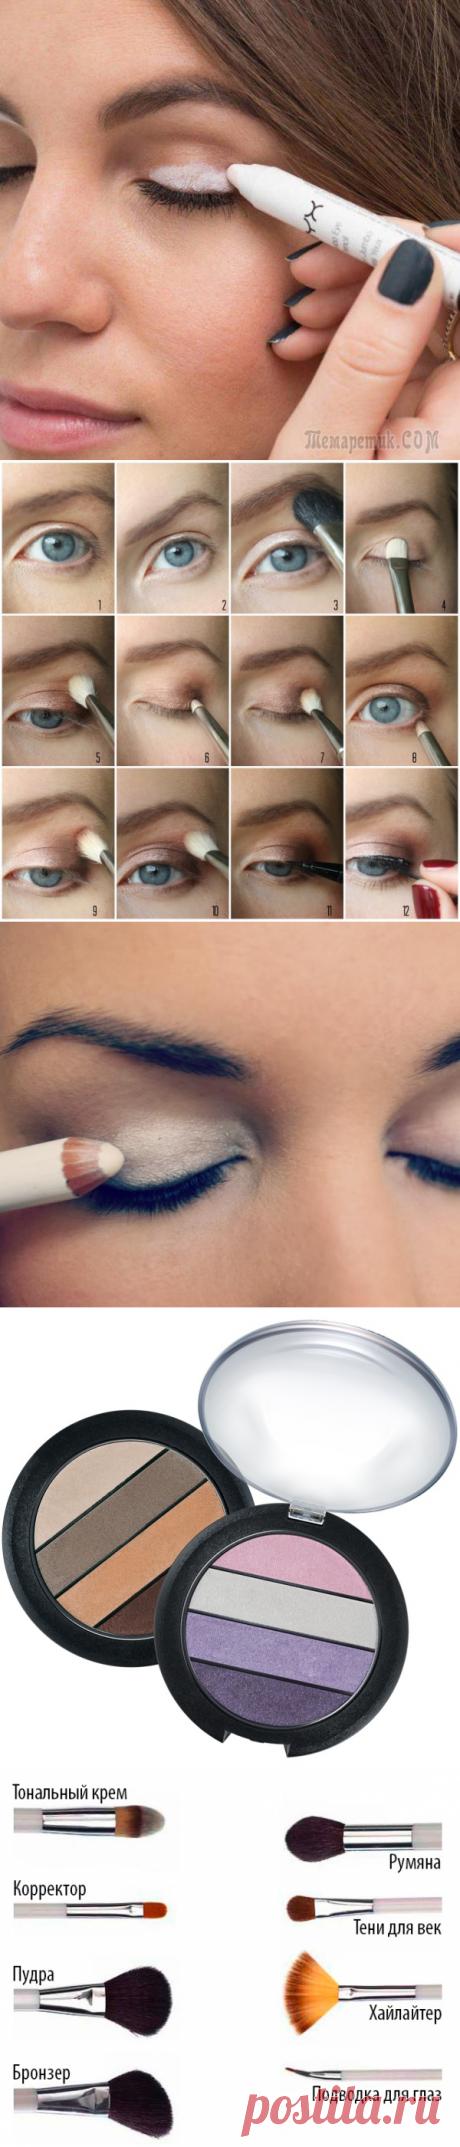 17 хитростей макияжа глаз, которые должна знать каждая девушка